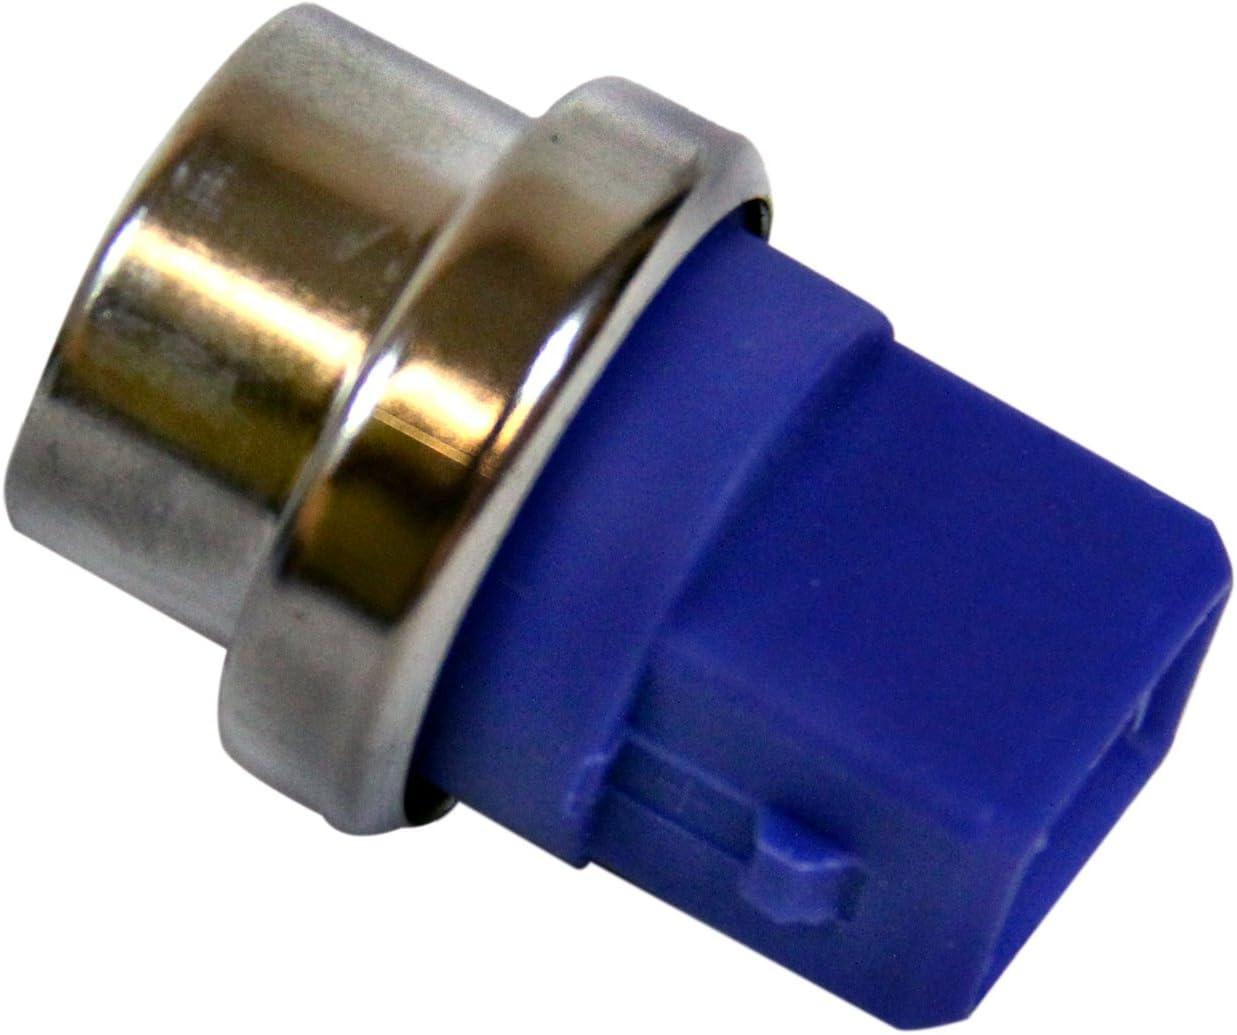 4641 025-906-041A MTC 4641 for Audi//Volkswagen Models MTC 4641//025-906-041A Water Temperature Sensor 025-906-041A